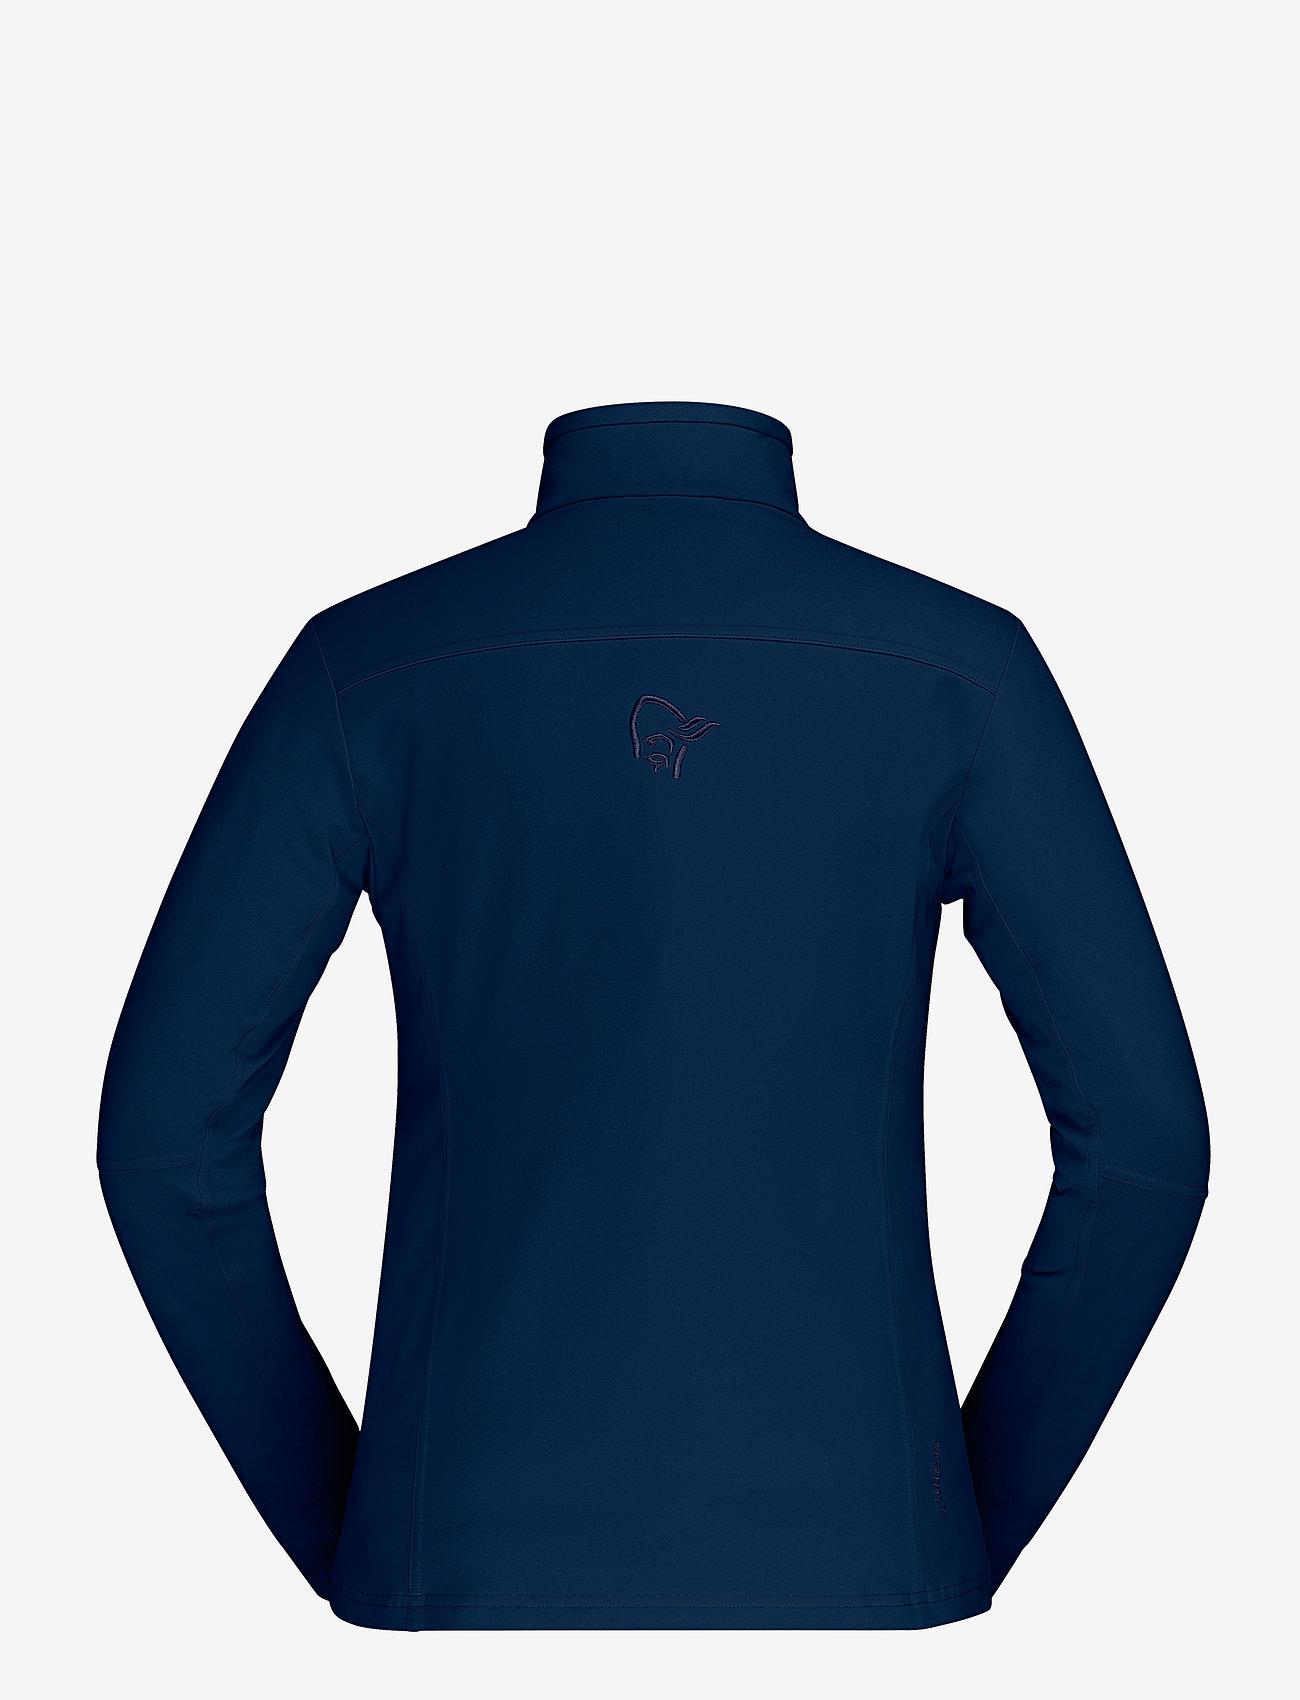 Falketind Warm1 Stretch Jacket W's (Indigo Night) - Norrøna 45KHrR